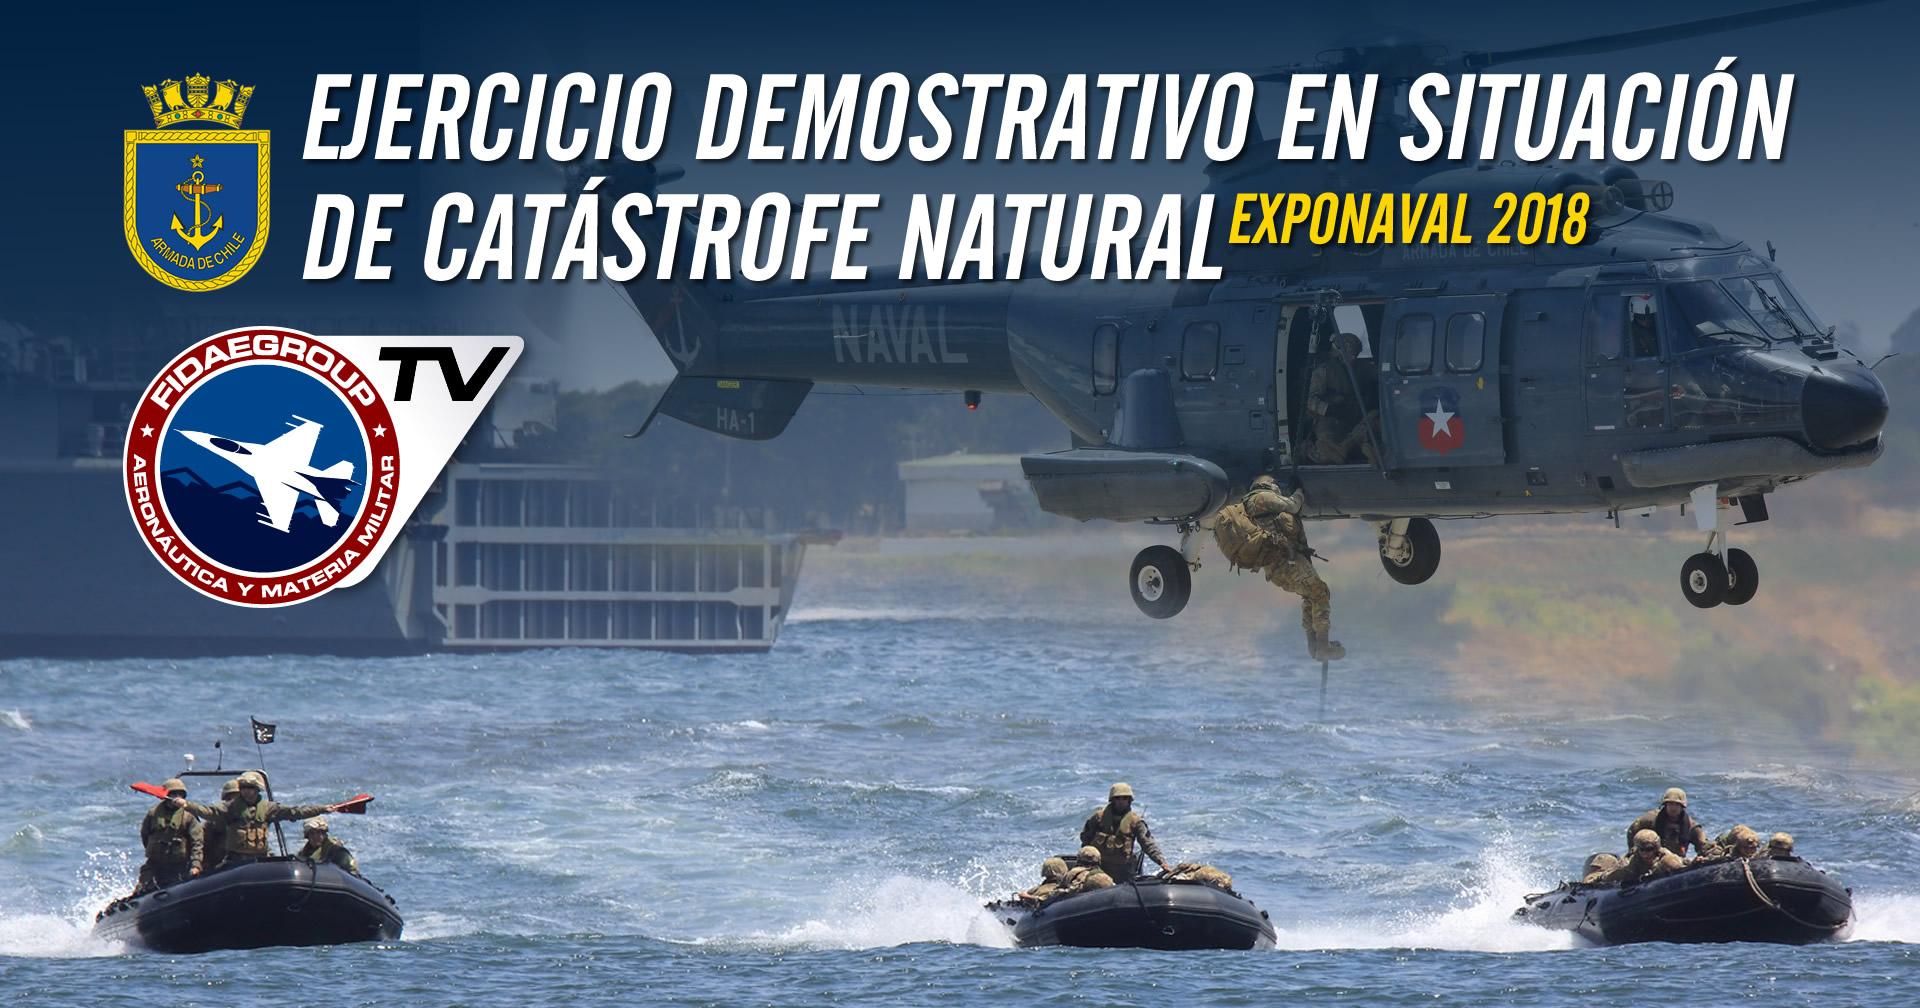 Ejercicio demostrativo en situación de catástrofe natural, Armada de Chile